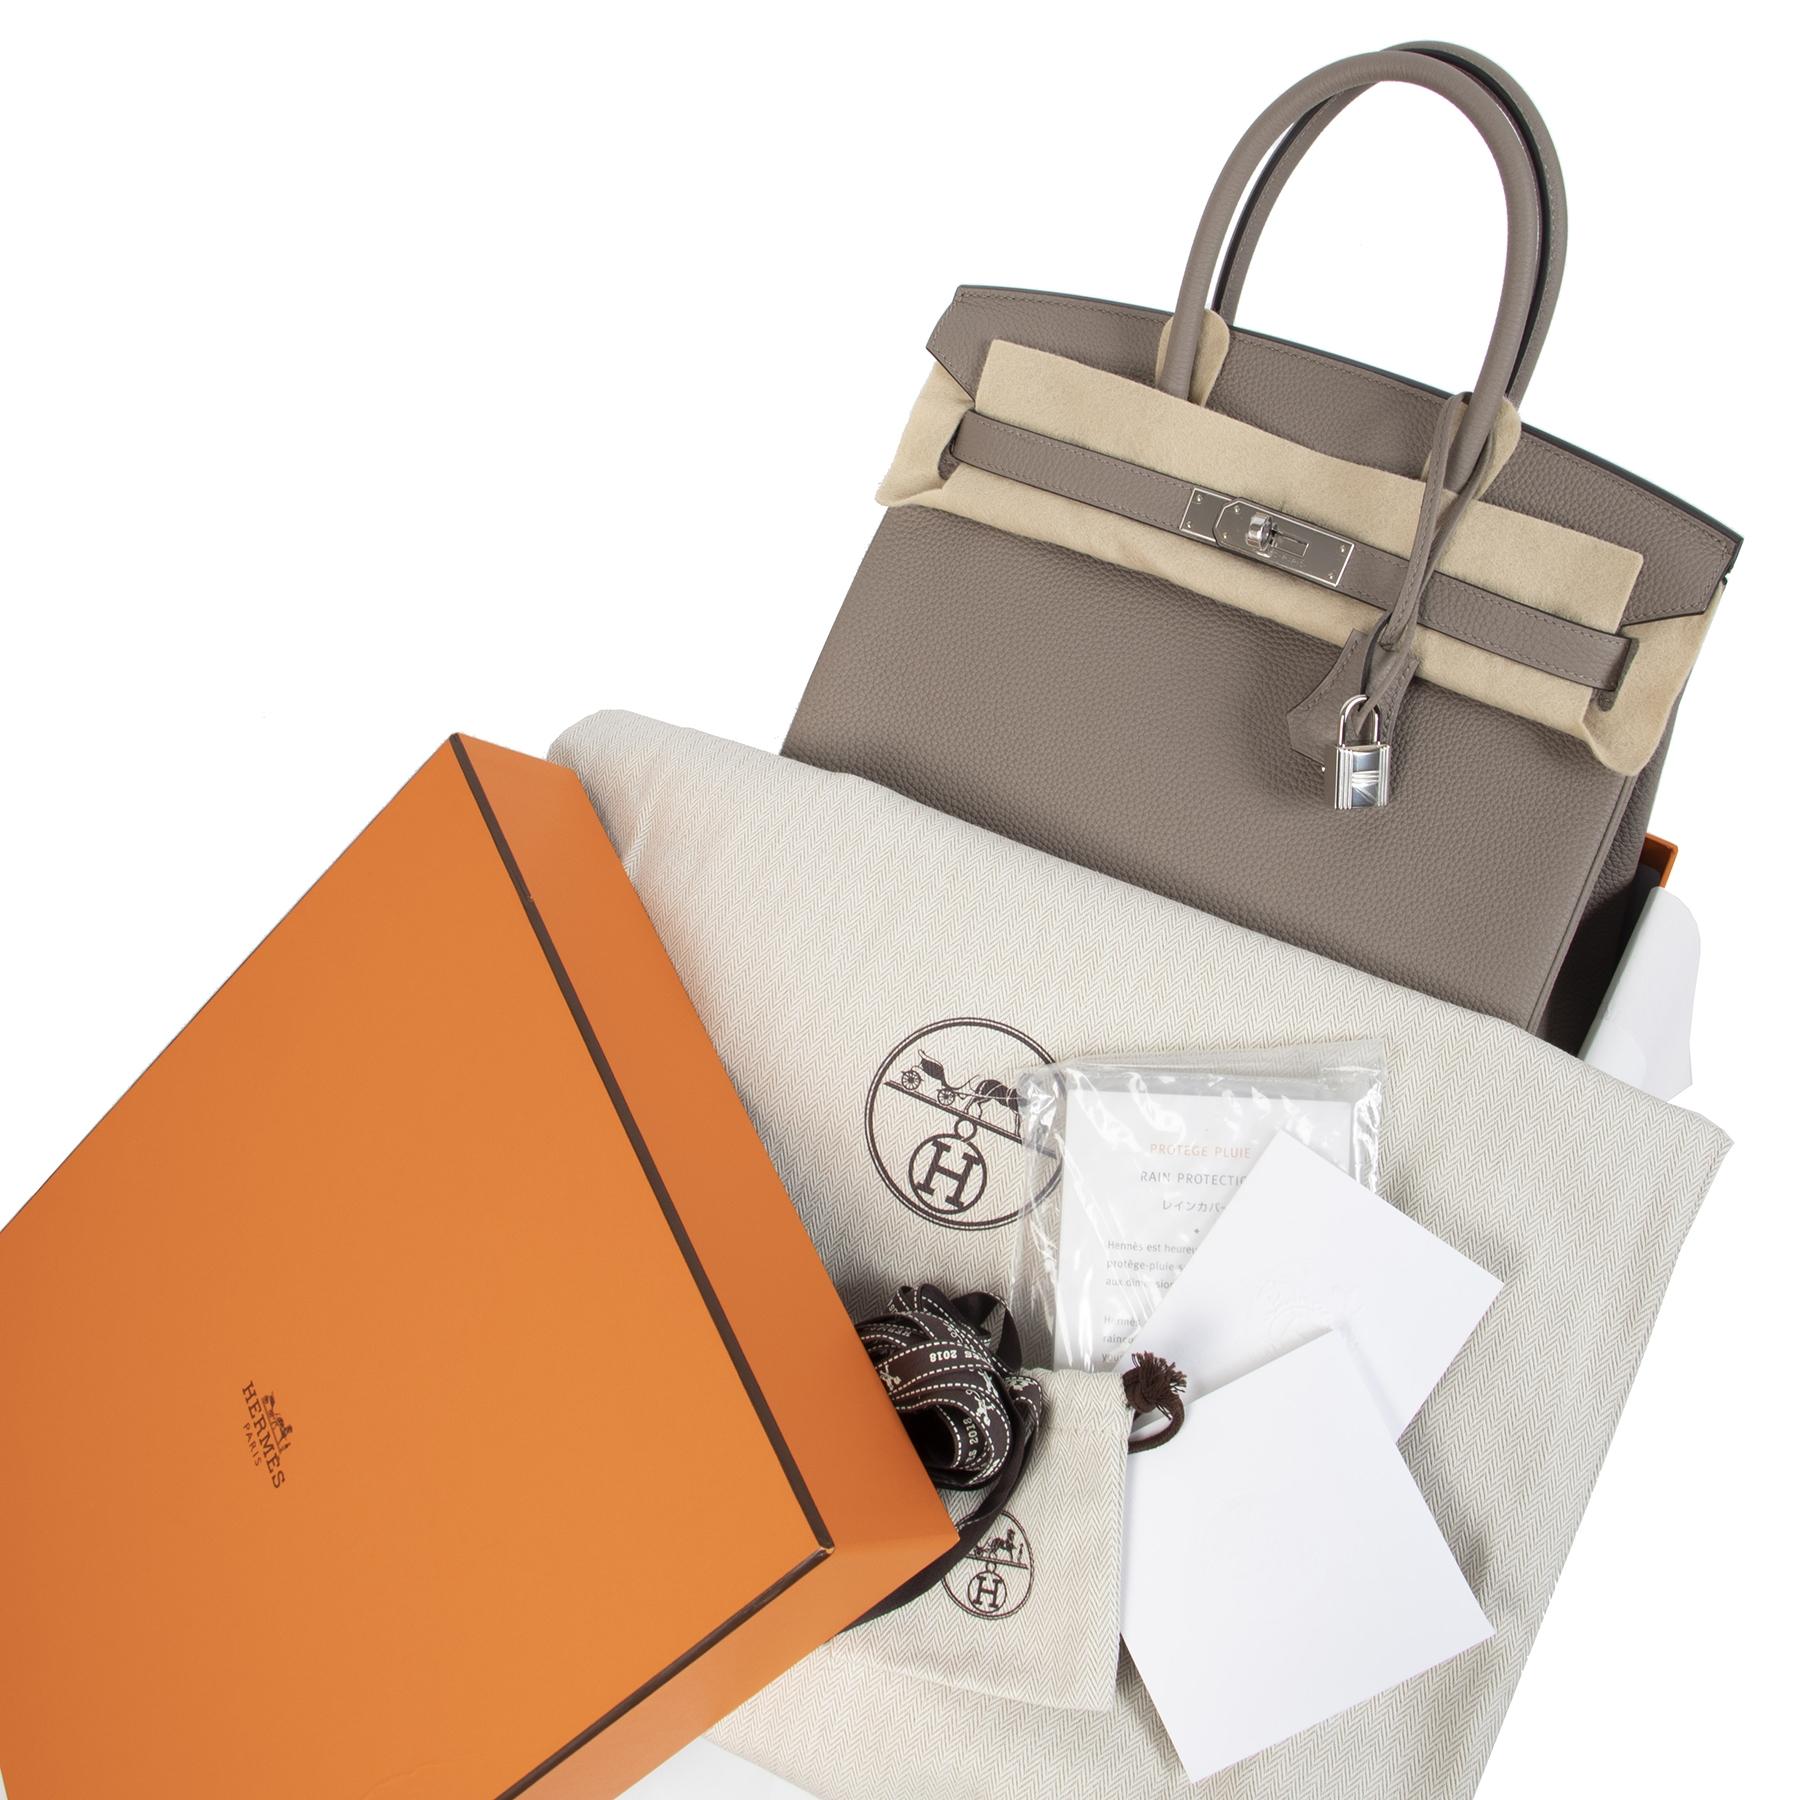 Koop en verkoop uw authentieke designer handtassen aan de beste prijs bij Labellov